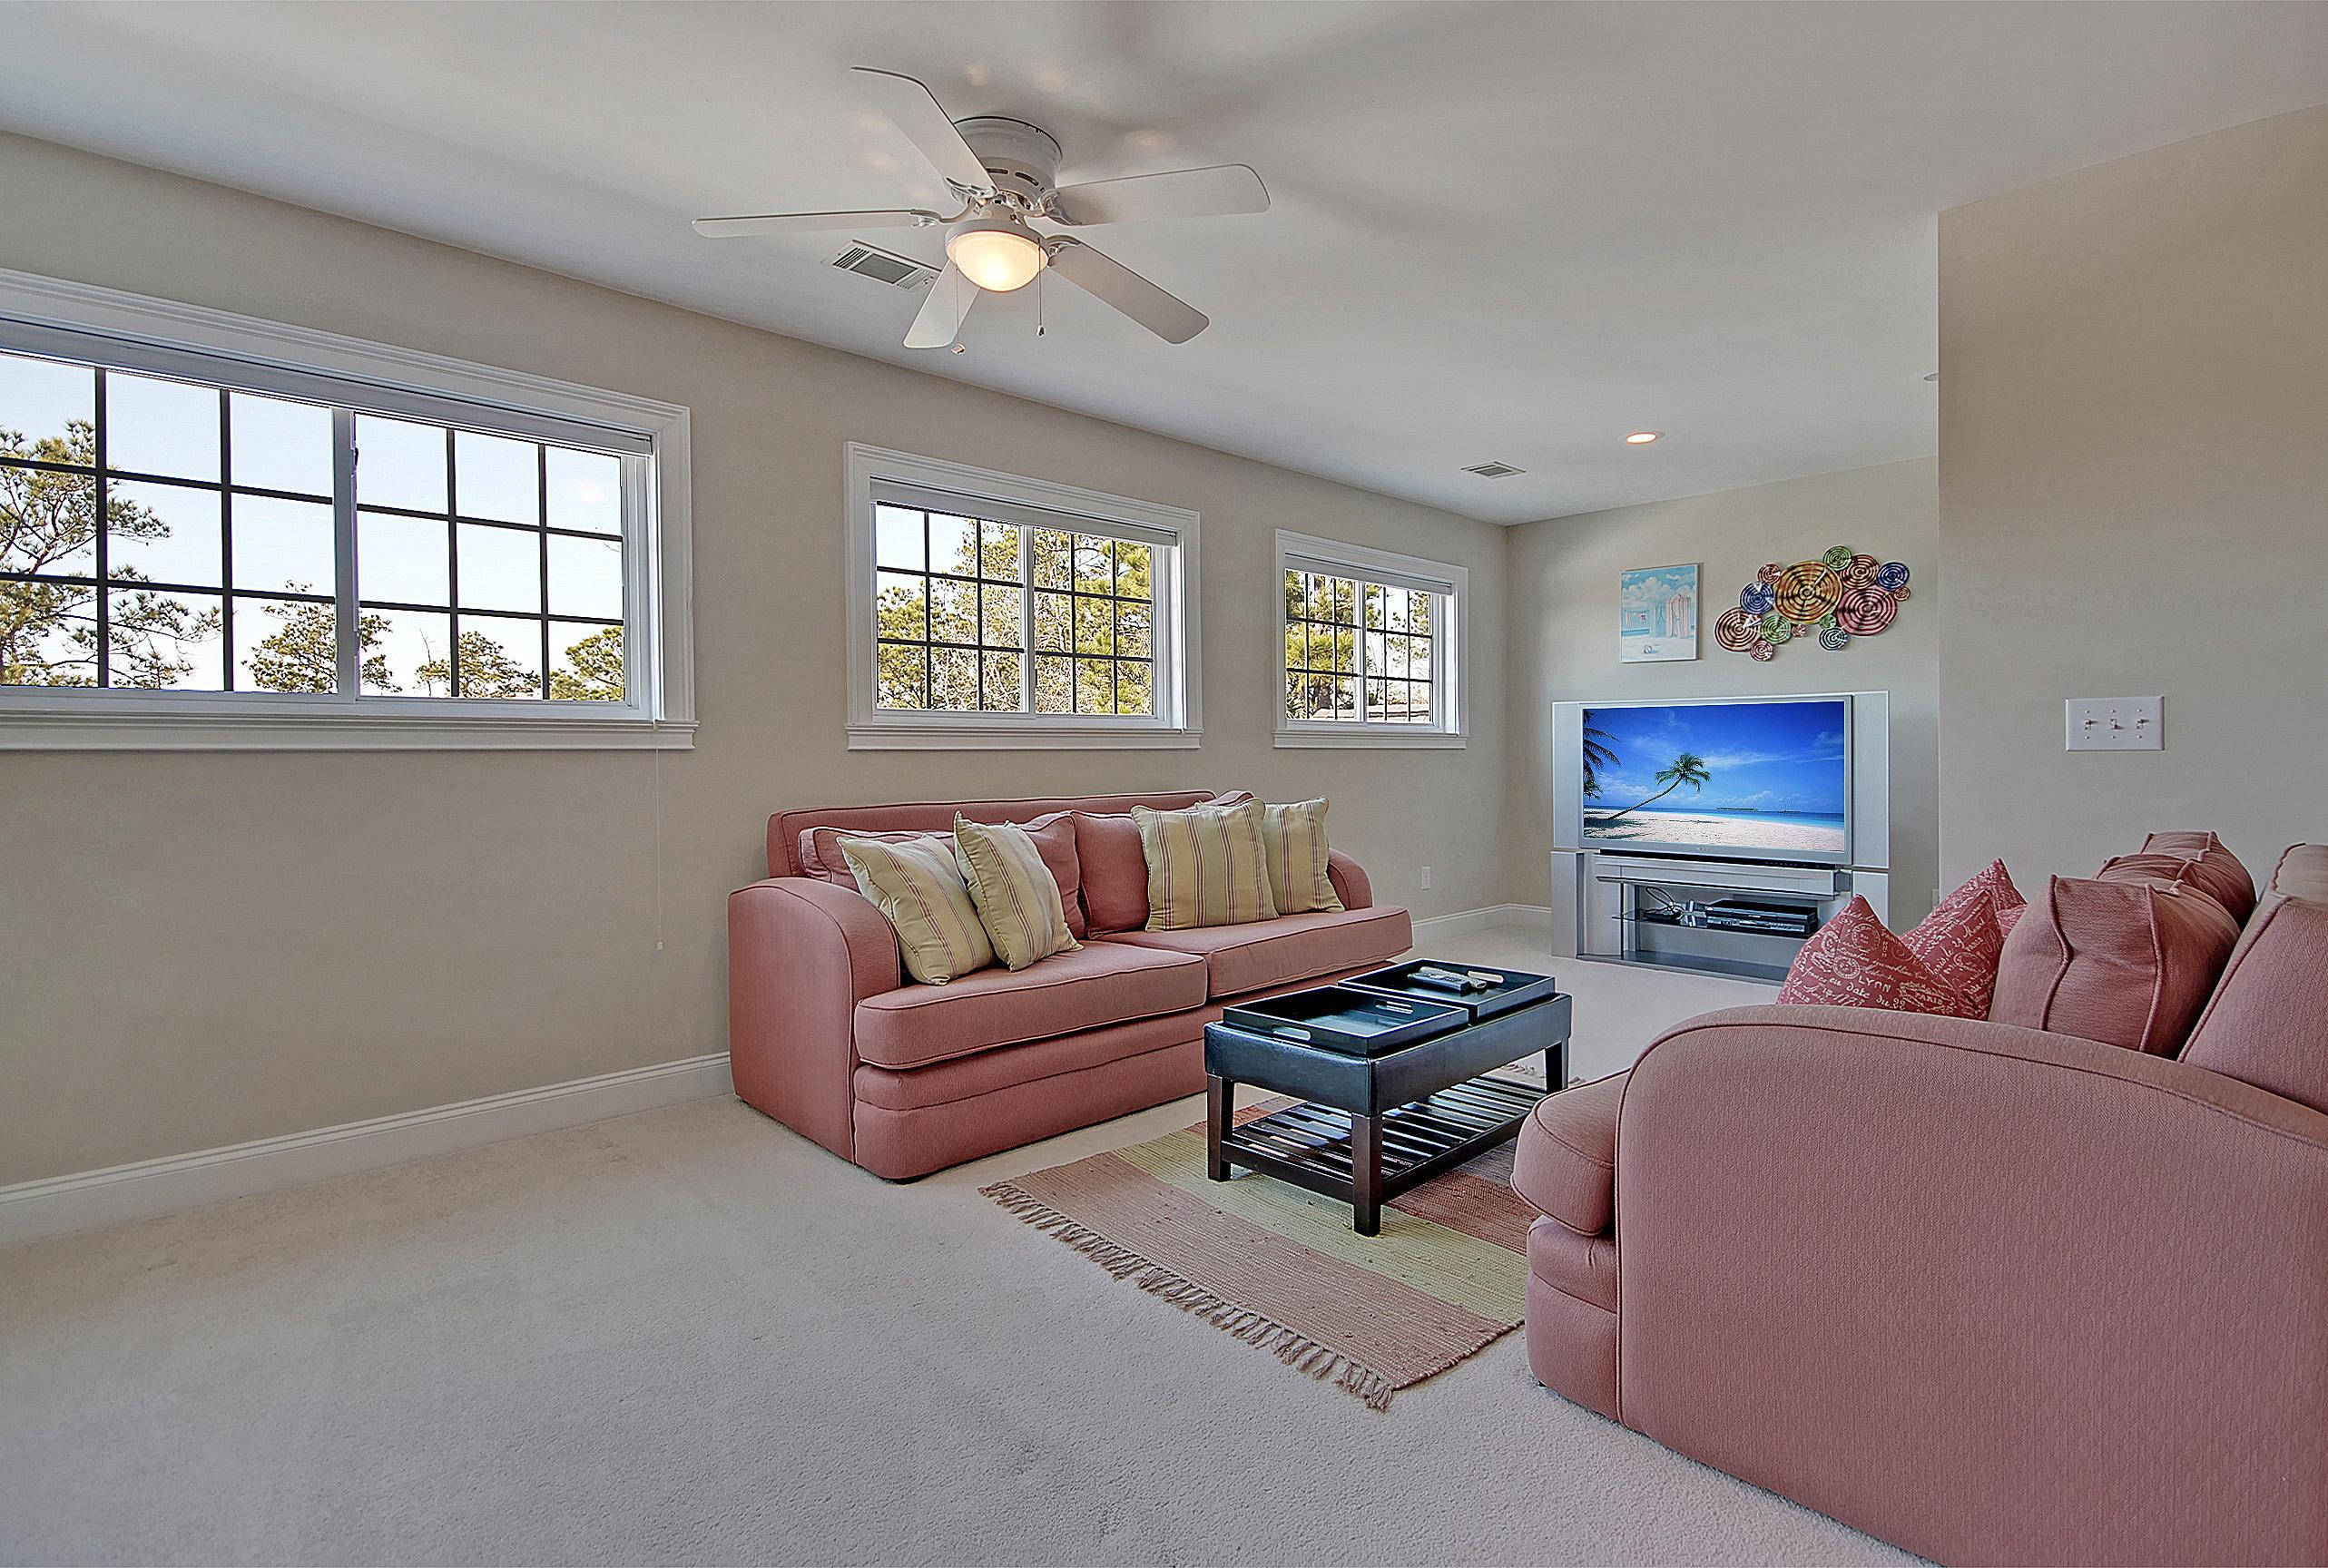 Dunes West Homes For Sale - 2721 Fountainhead, Mount Pleasant, SC - 75